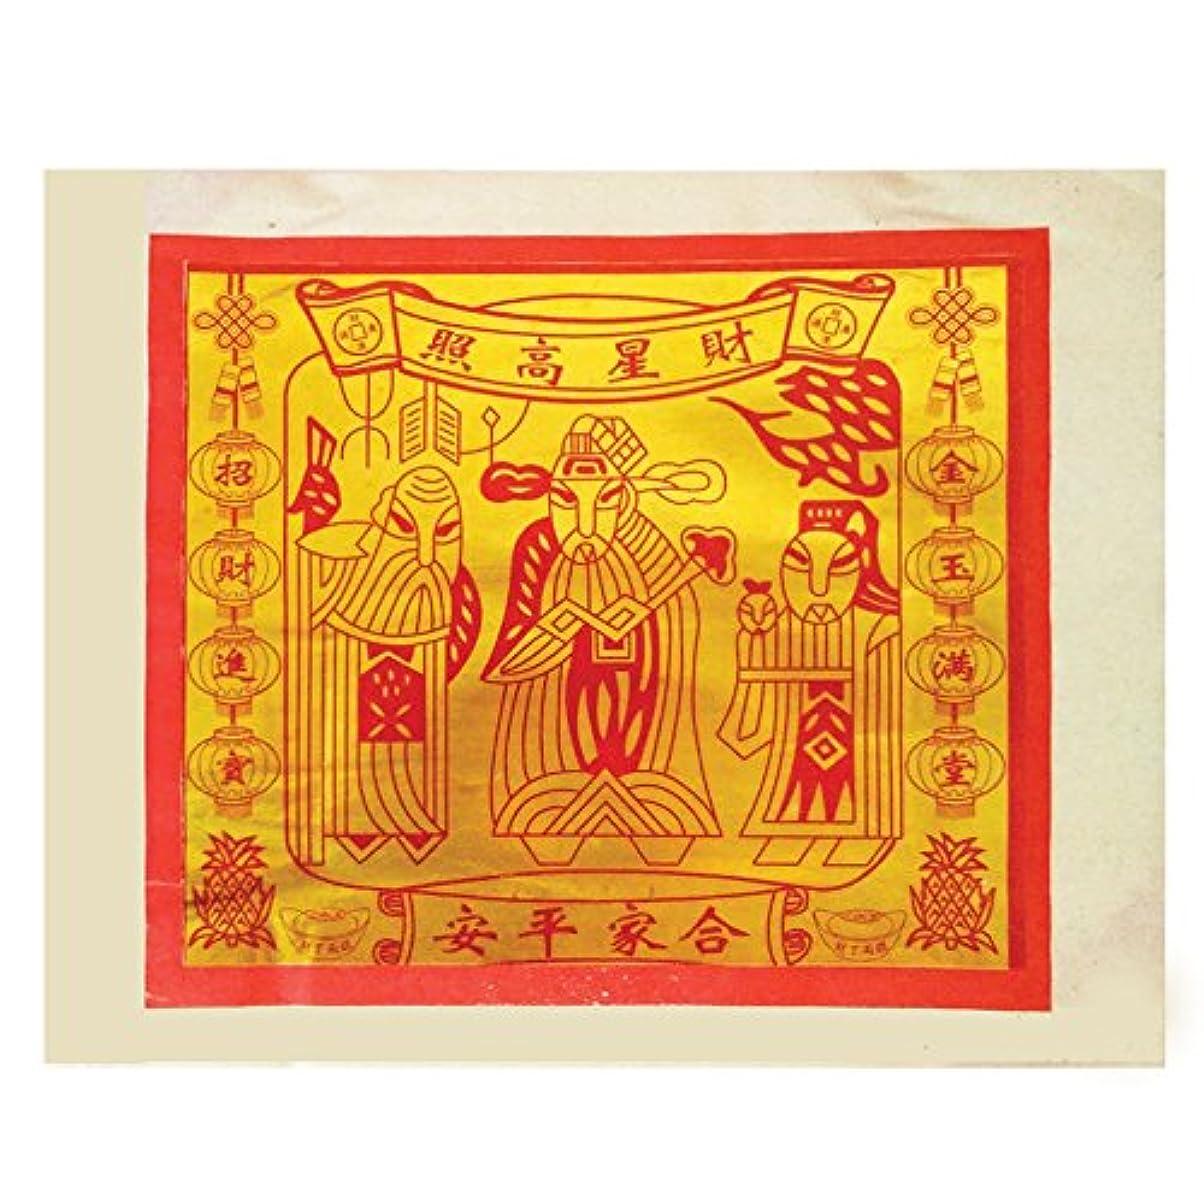 忘れっぽい観察する民主党80pcs Incense用紙/ Joss用紙with Gold Foil ( Mediumサイズ) 10.6インチx 10.4インチ